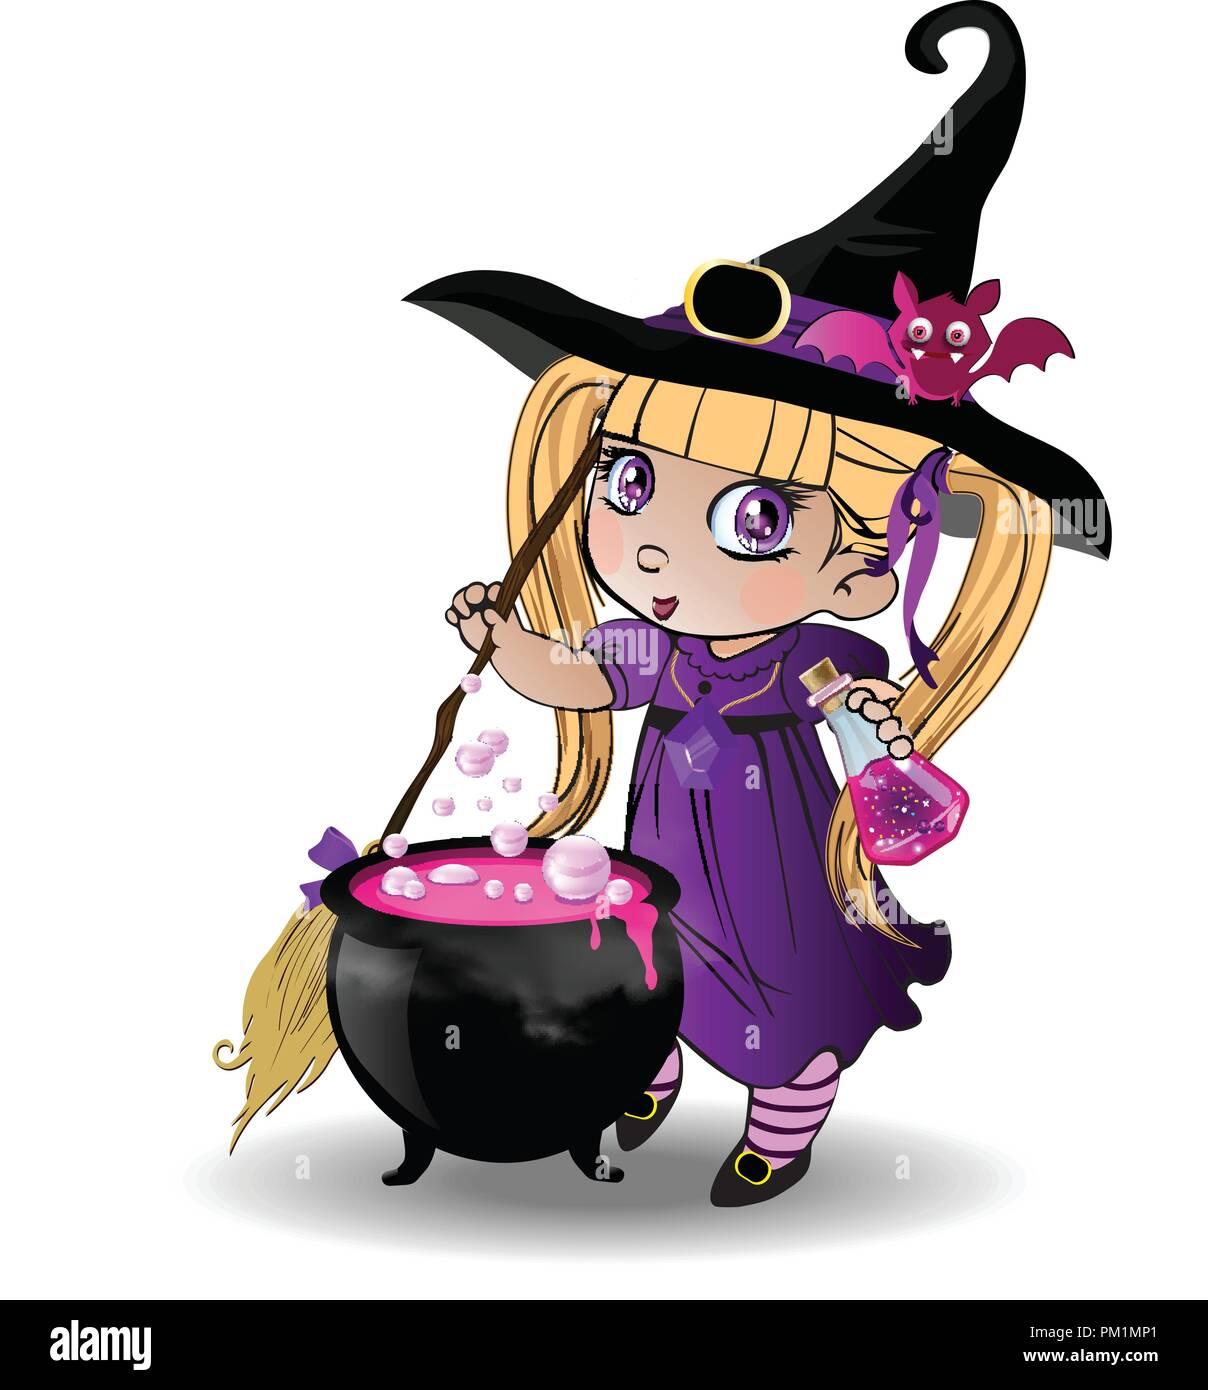 Vector cartoon illustrazione della piccola bionda baby Ragazza strega in abito viola e carino bat sul suo hat mescolare pozione di ebollizione con manico nel calderone o Immagini Stock